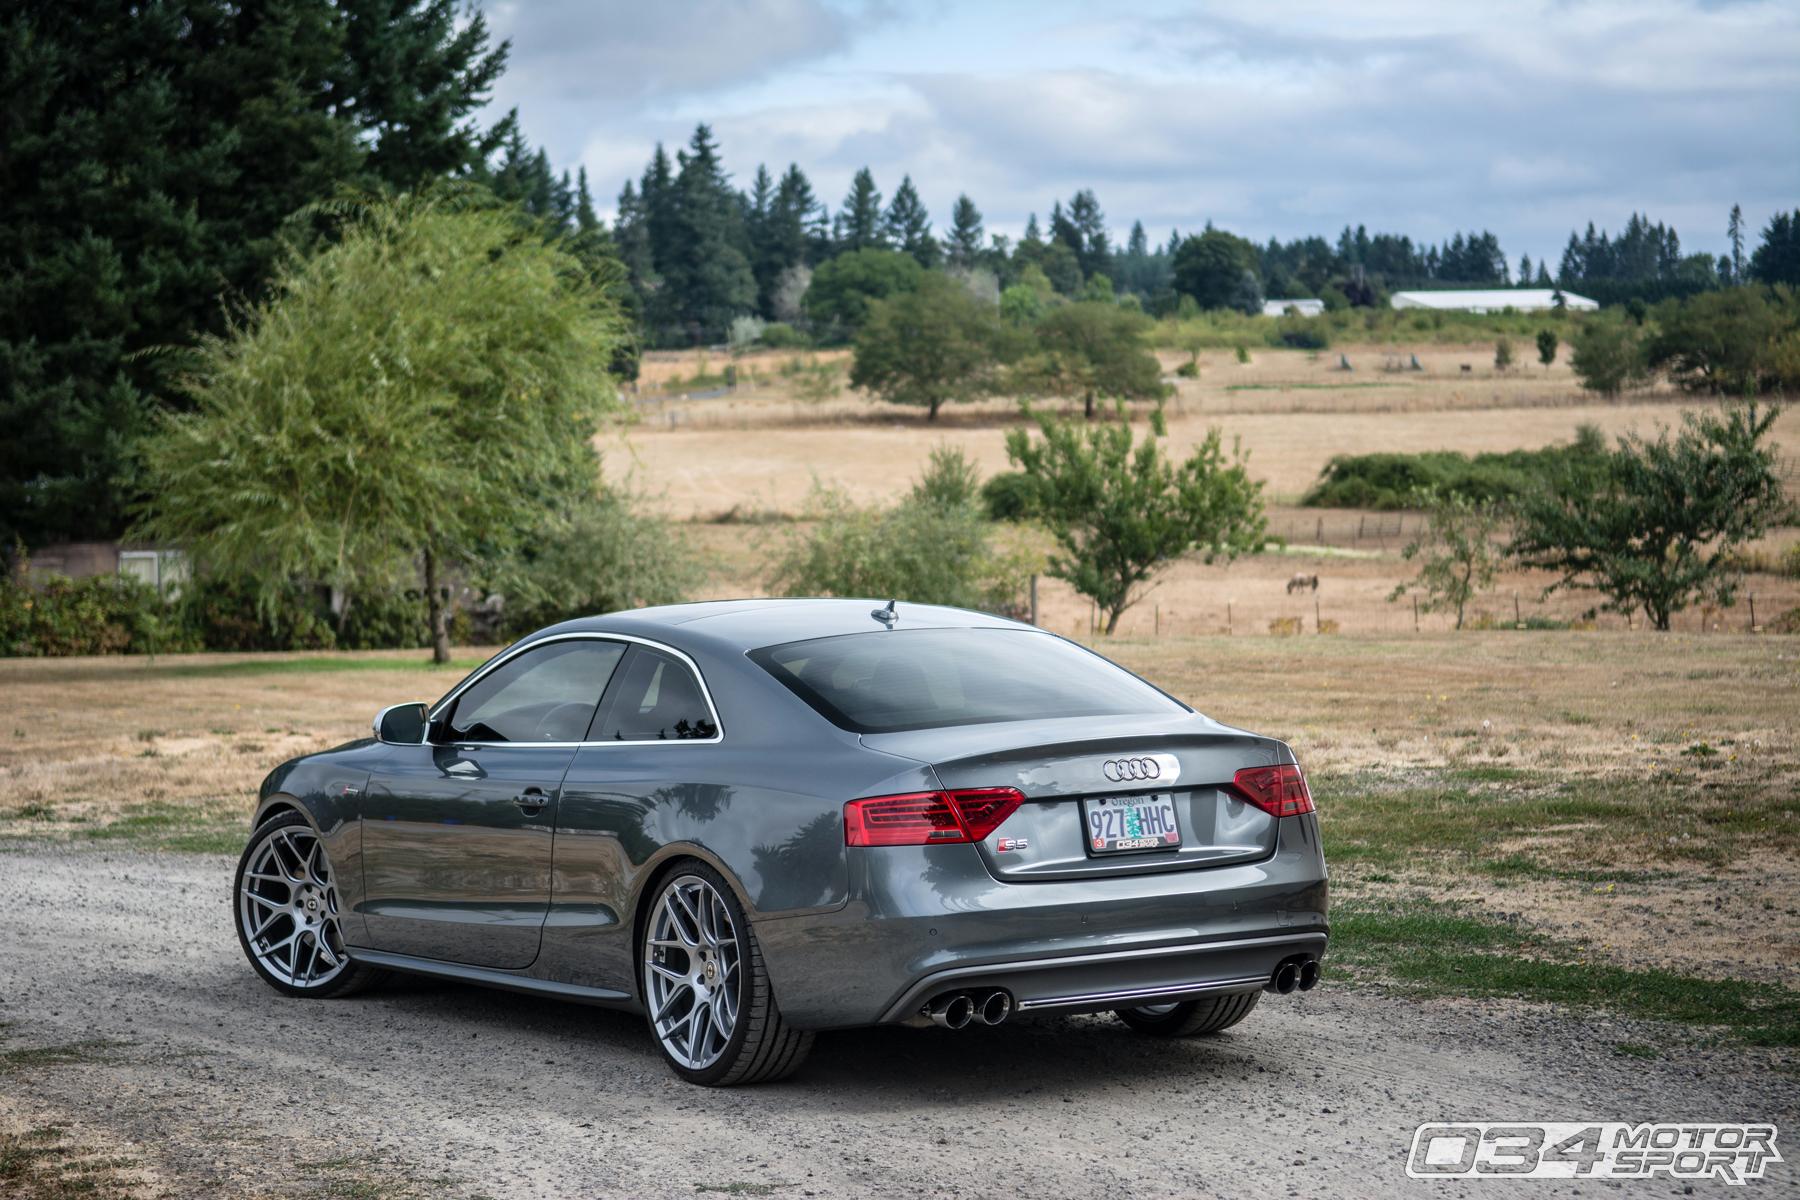 Audi s3 sportback gebrauchtwagen 12